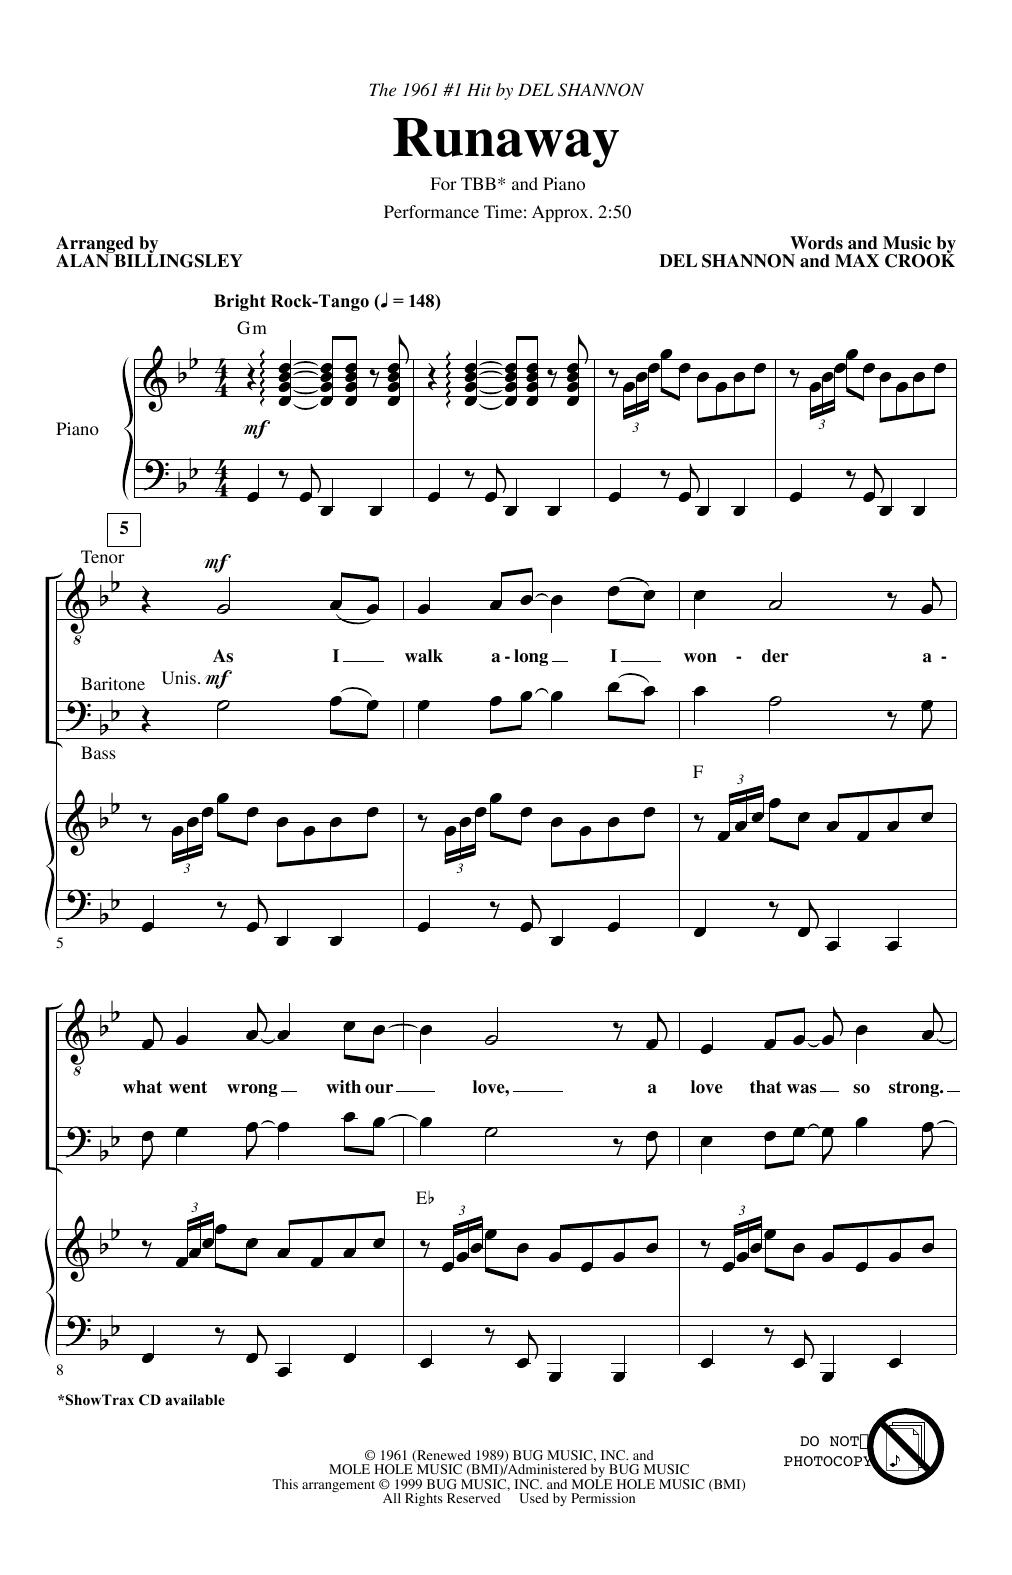 Runaway (arr. Alan Billingsley) (TBB Choir)